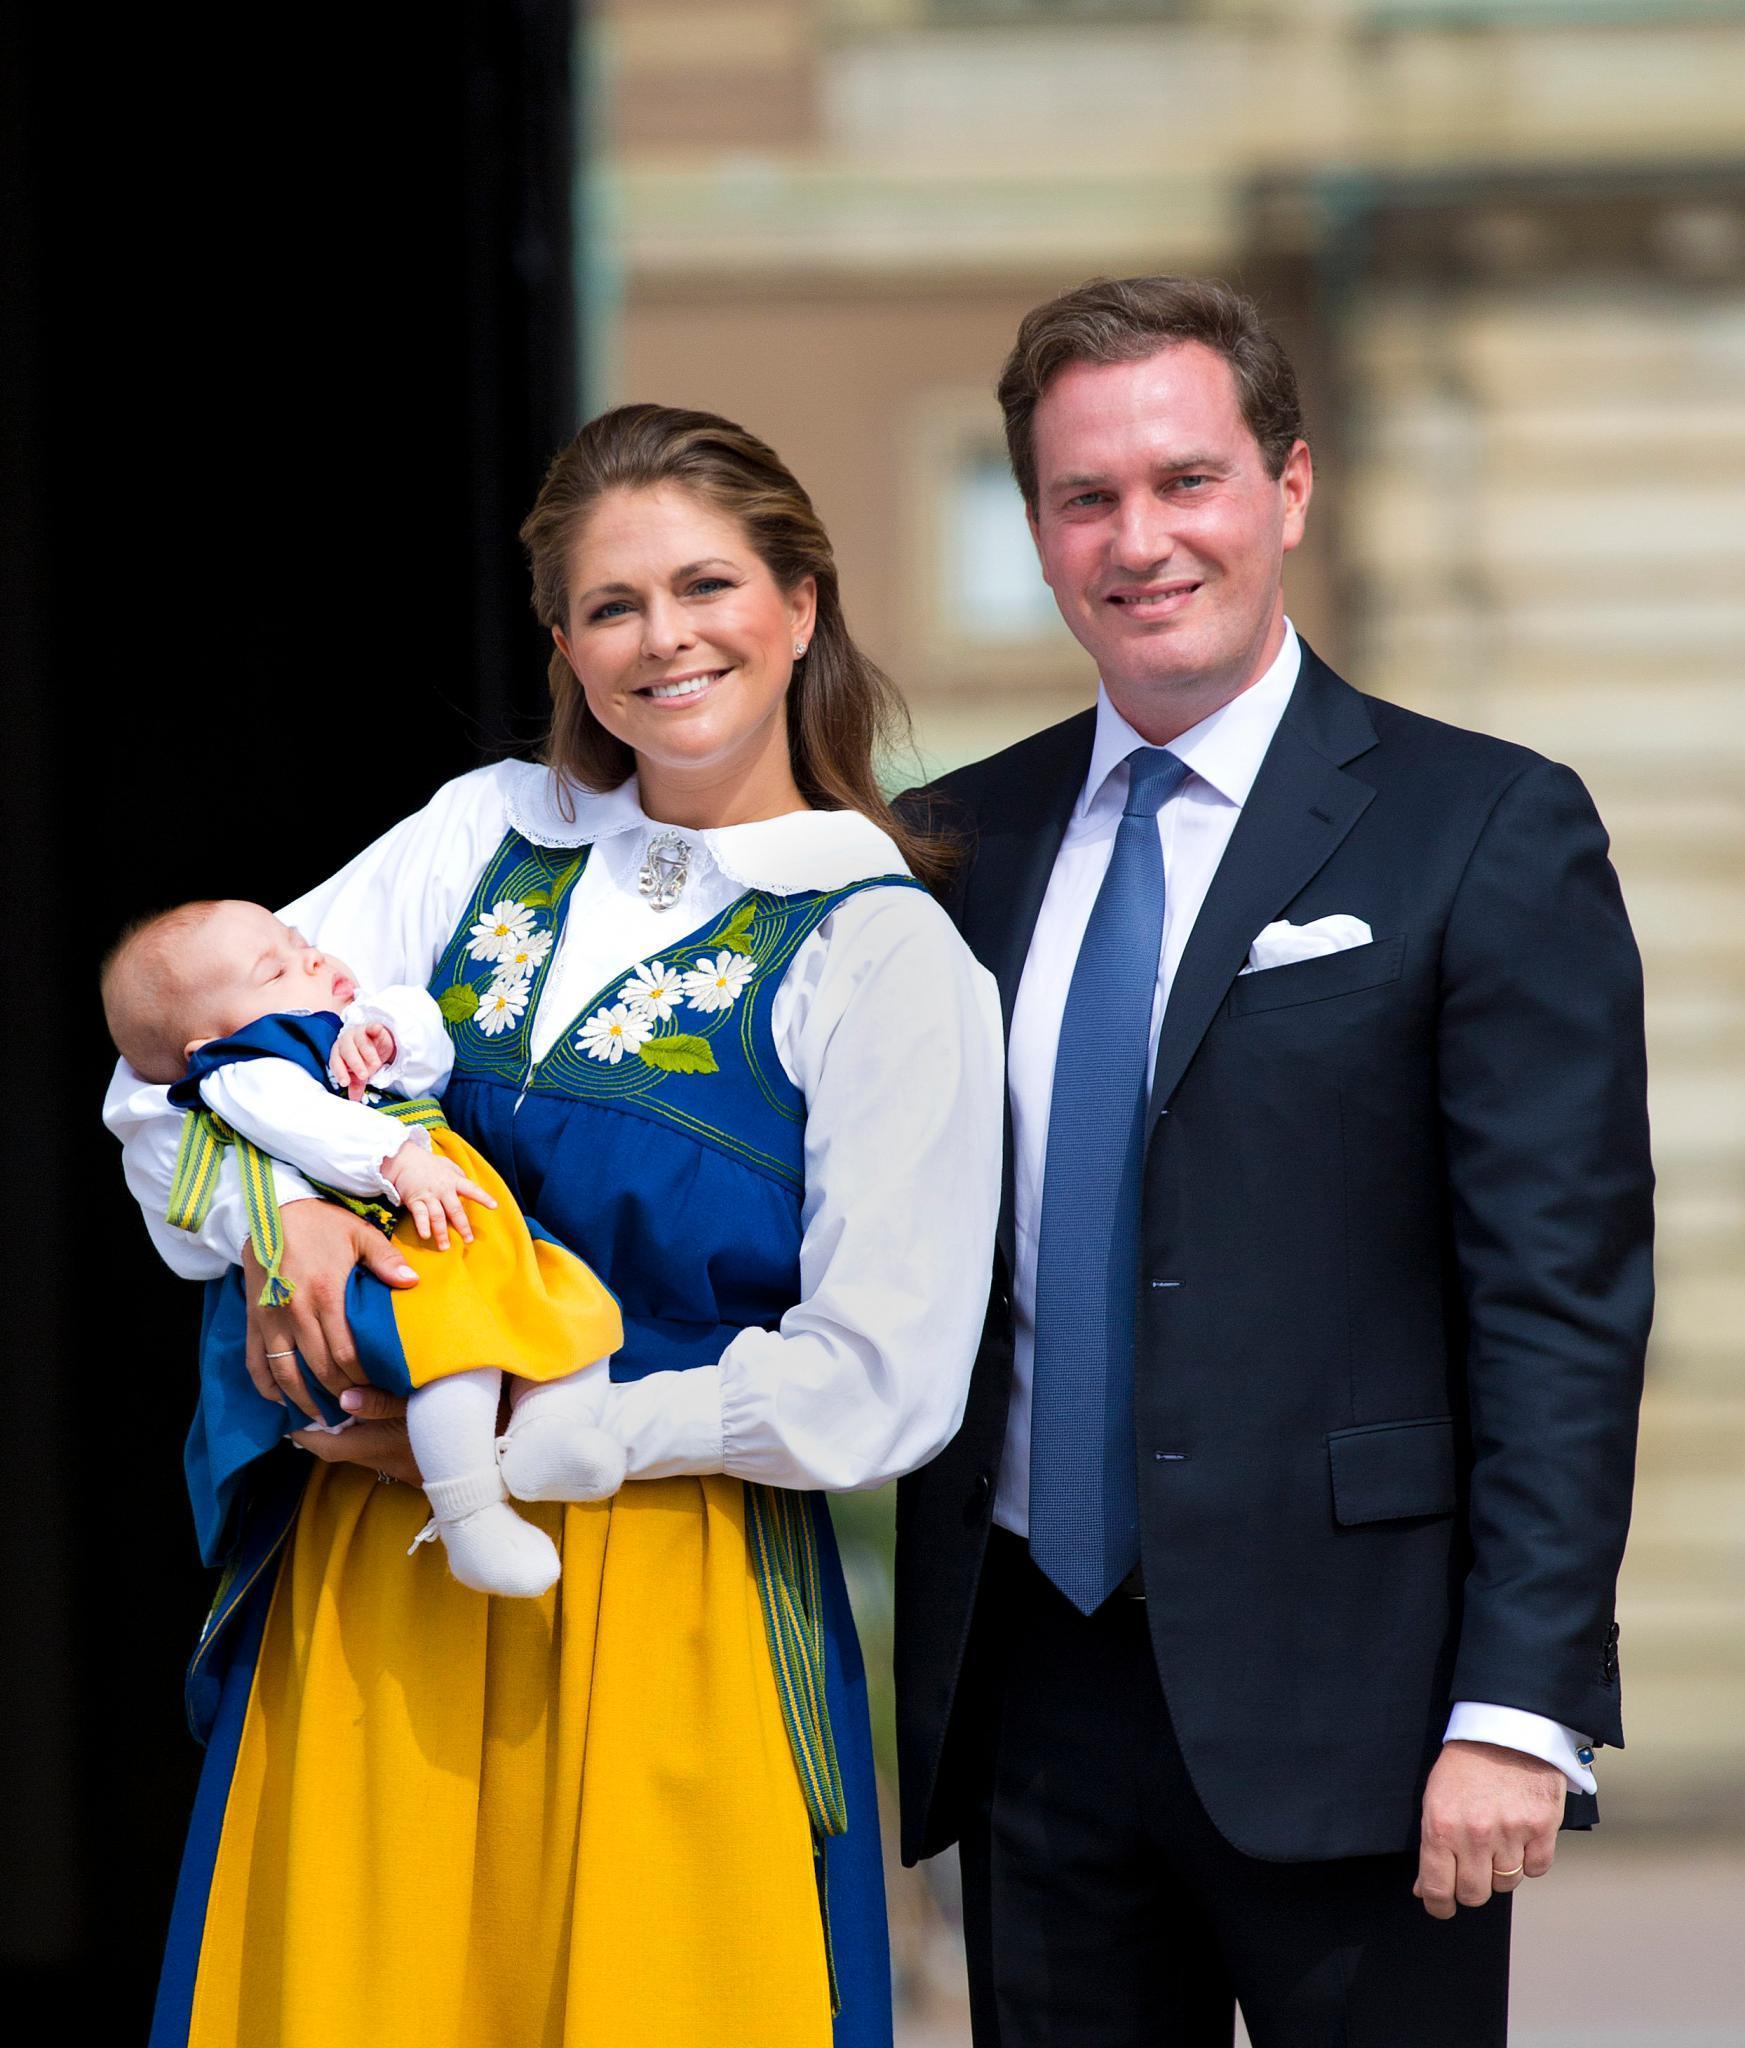 Prinzessin Madeleine und Ehemann Chris O'Neill öffneten 2014 am Nationalfeiertag die Tore des Königlichen Schlosses und hatten dabei auch Mini-Prinzessin Leonore (in süßer Tracht) auf dem Arm.